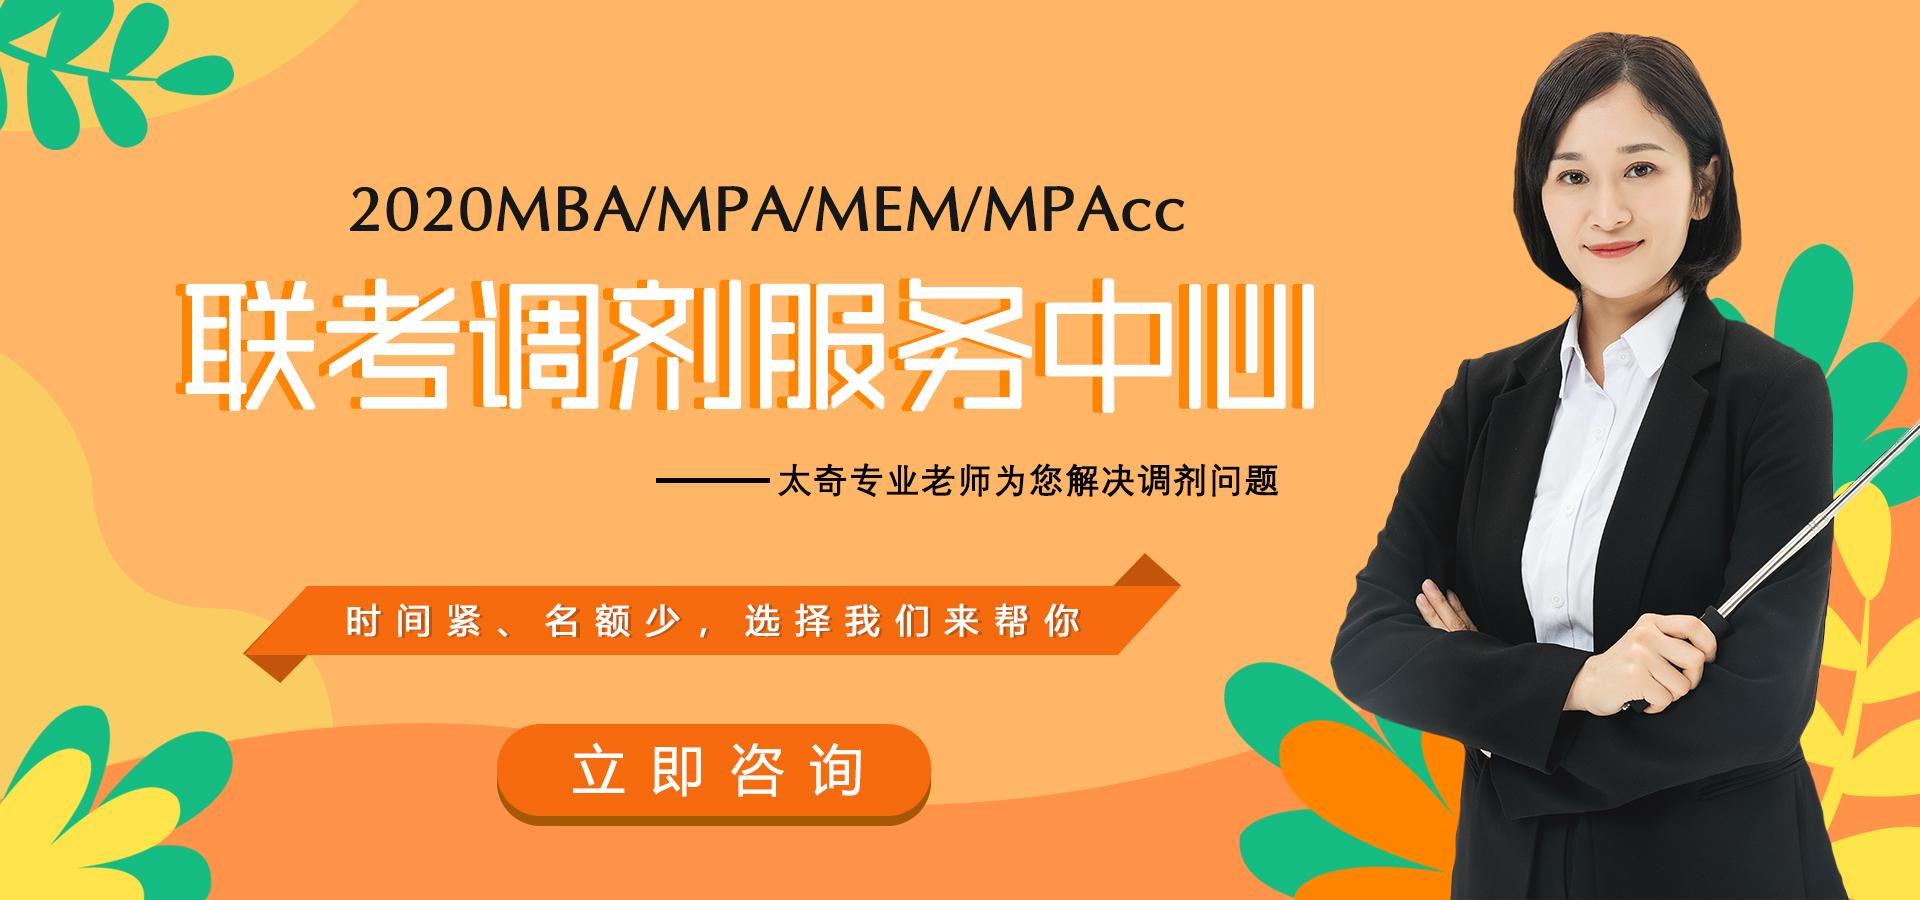 2020MBA/MPA/MEM/MPAcc联考调剂服务中心